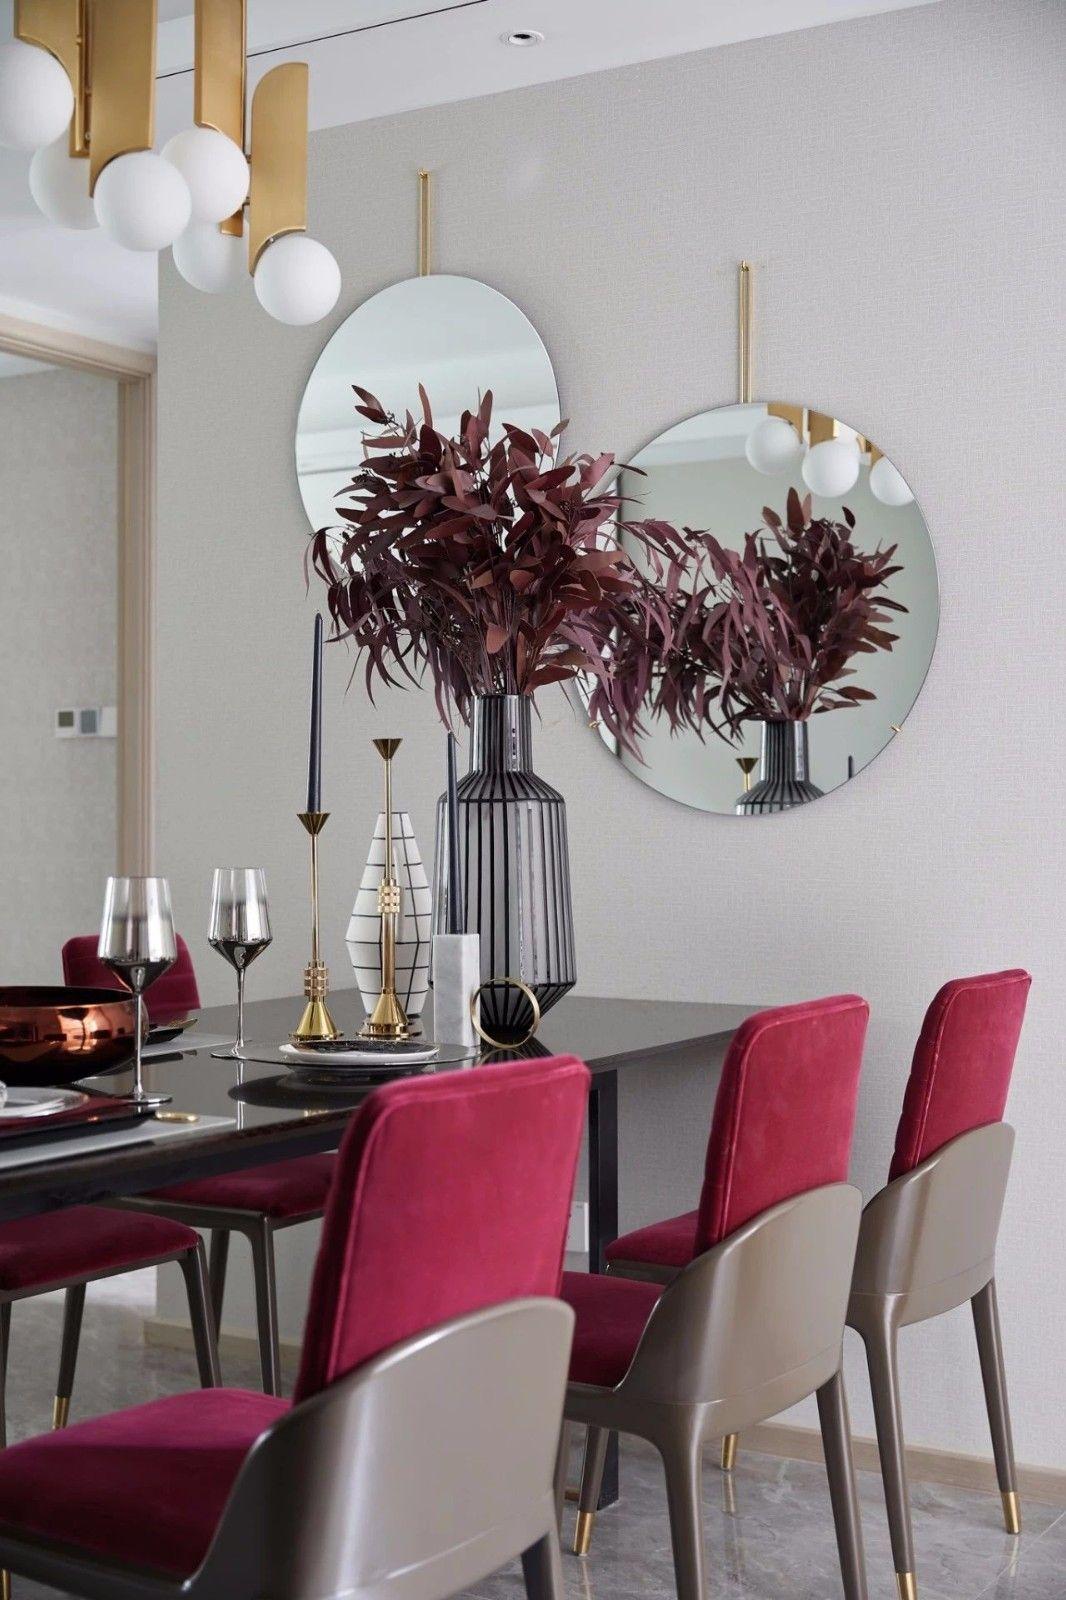 ''红梨色''点缀的奢丽雅致住宅丨这是一场以取悦自我为主题的视觉盛宴 D.DECOR DESIGN - 11